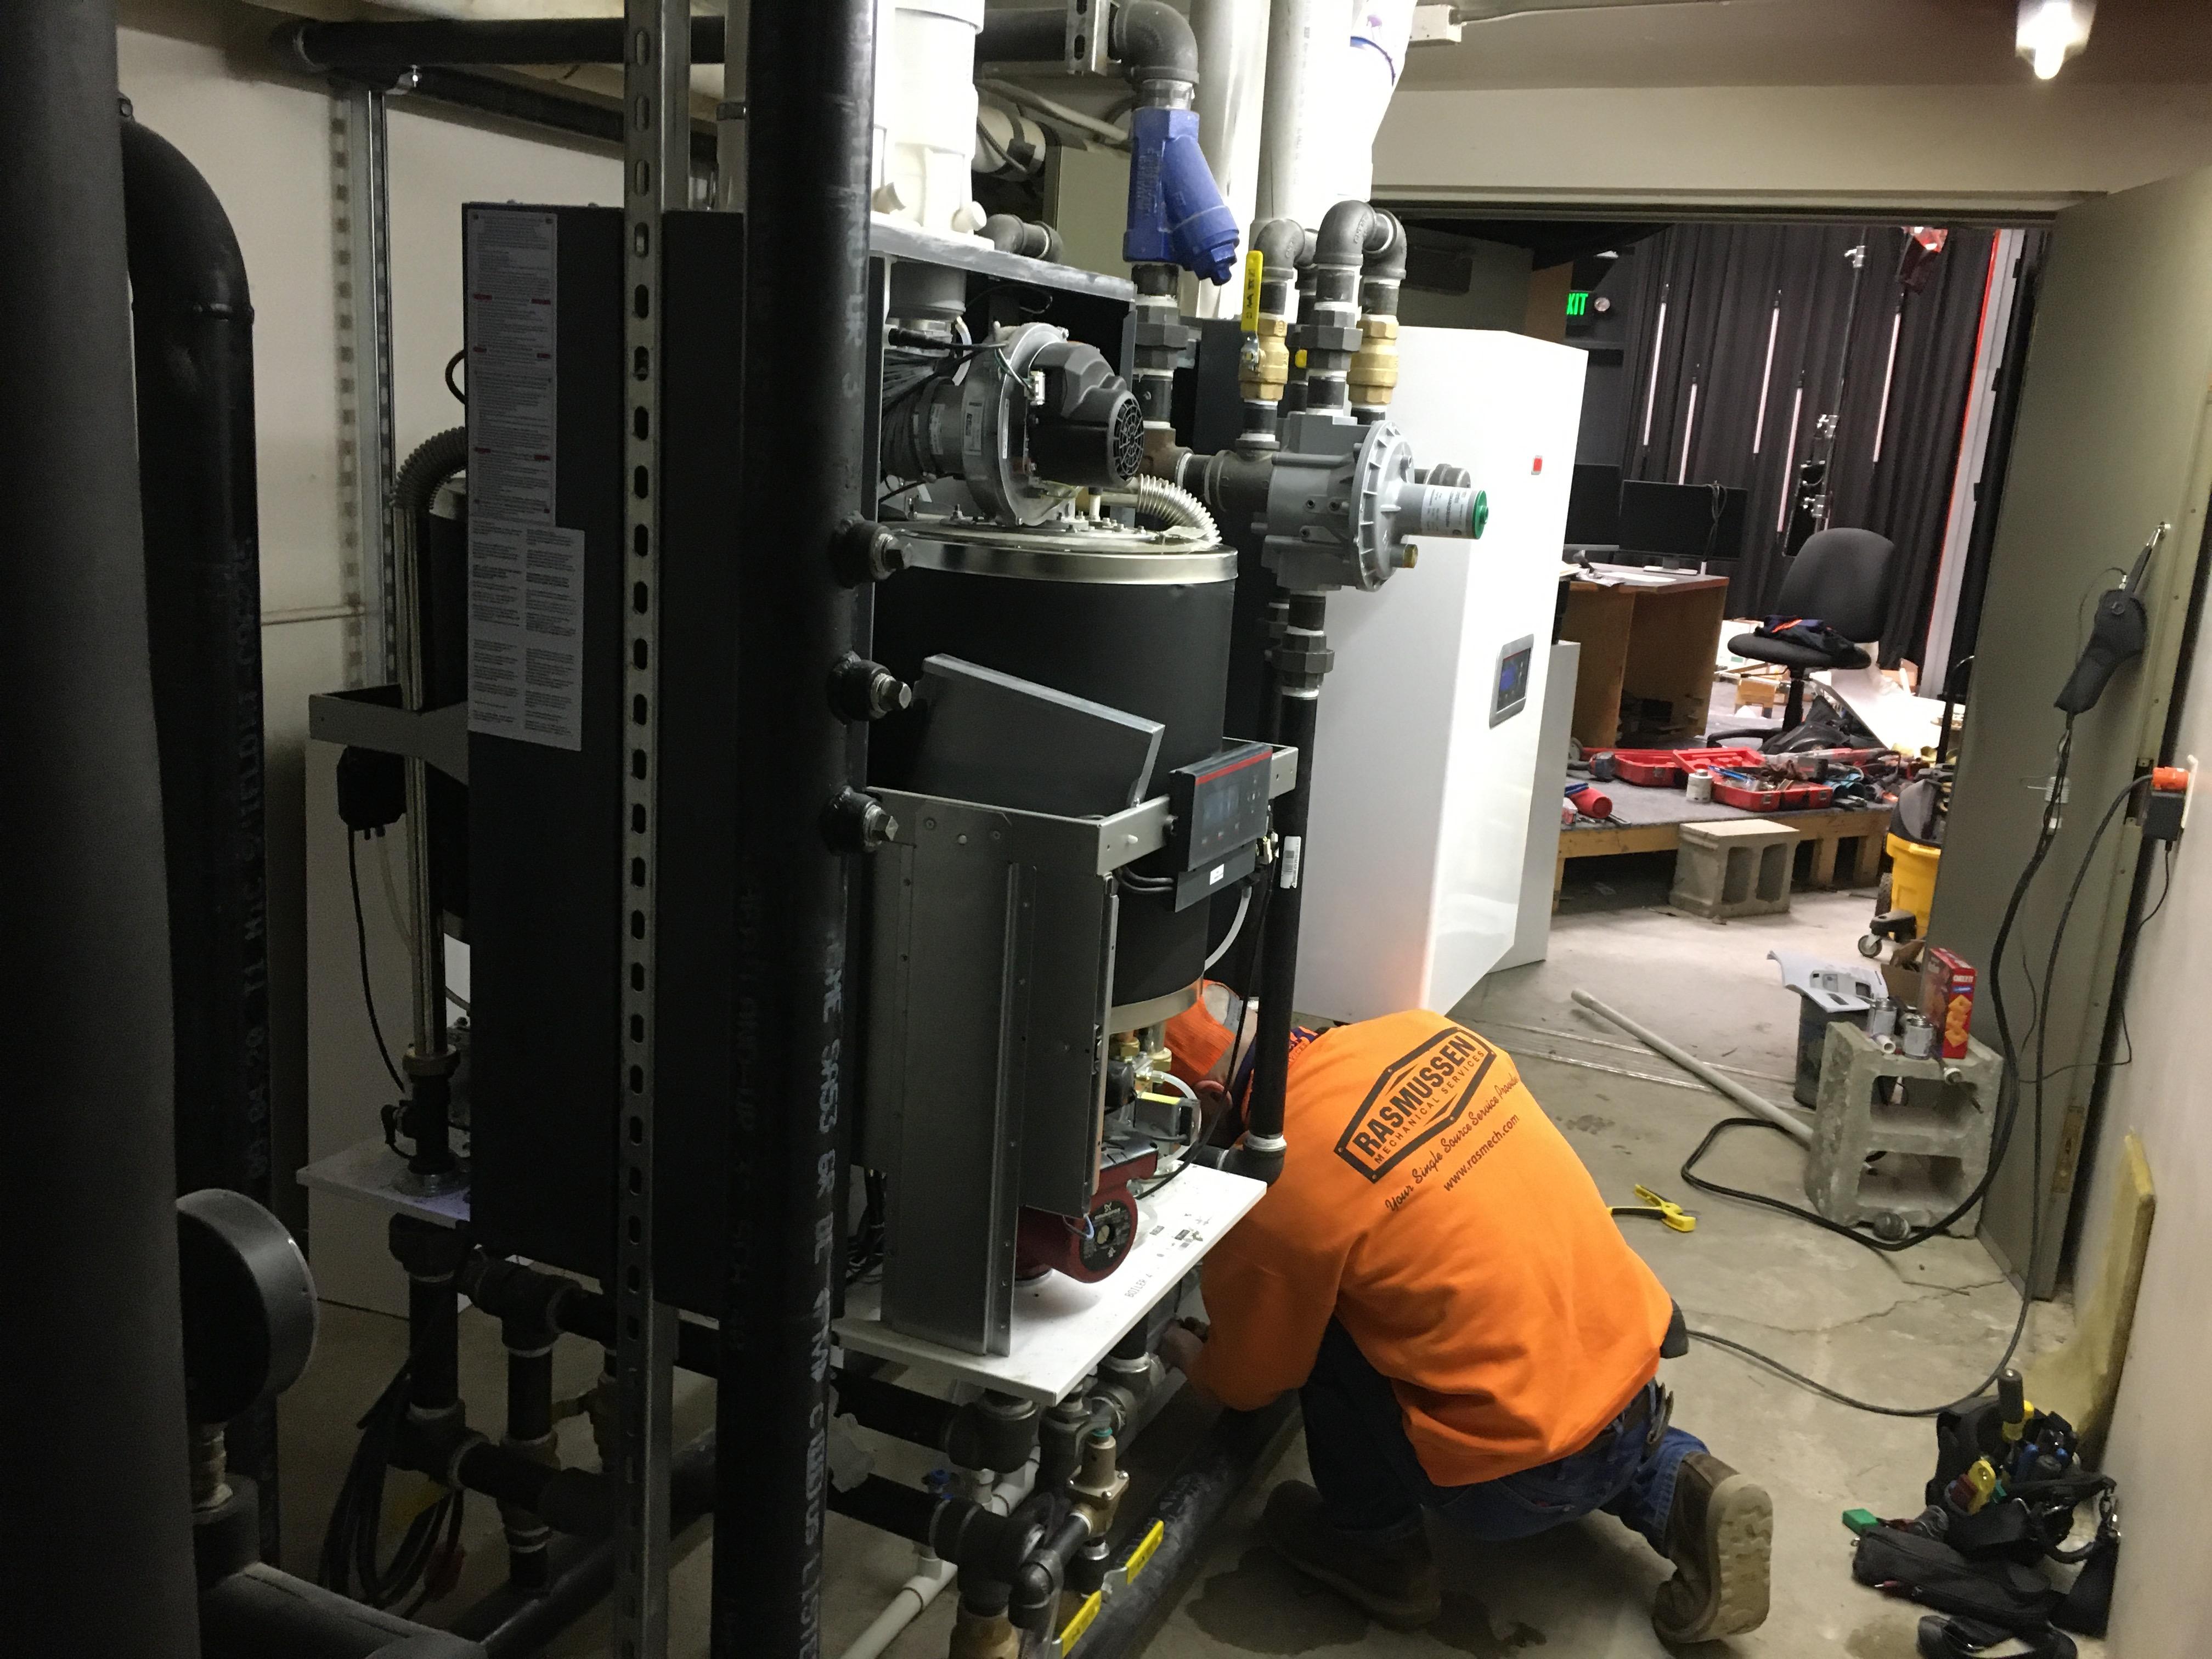 Boiler installs at Doane University